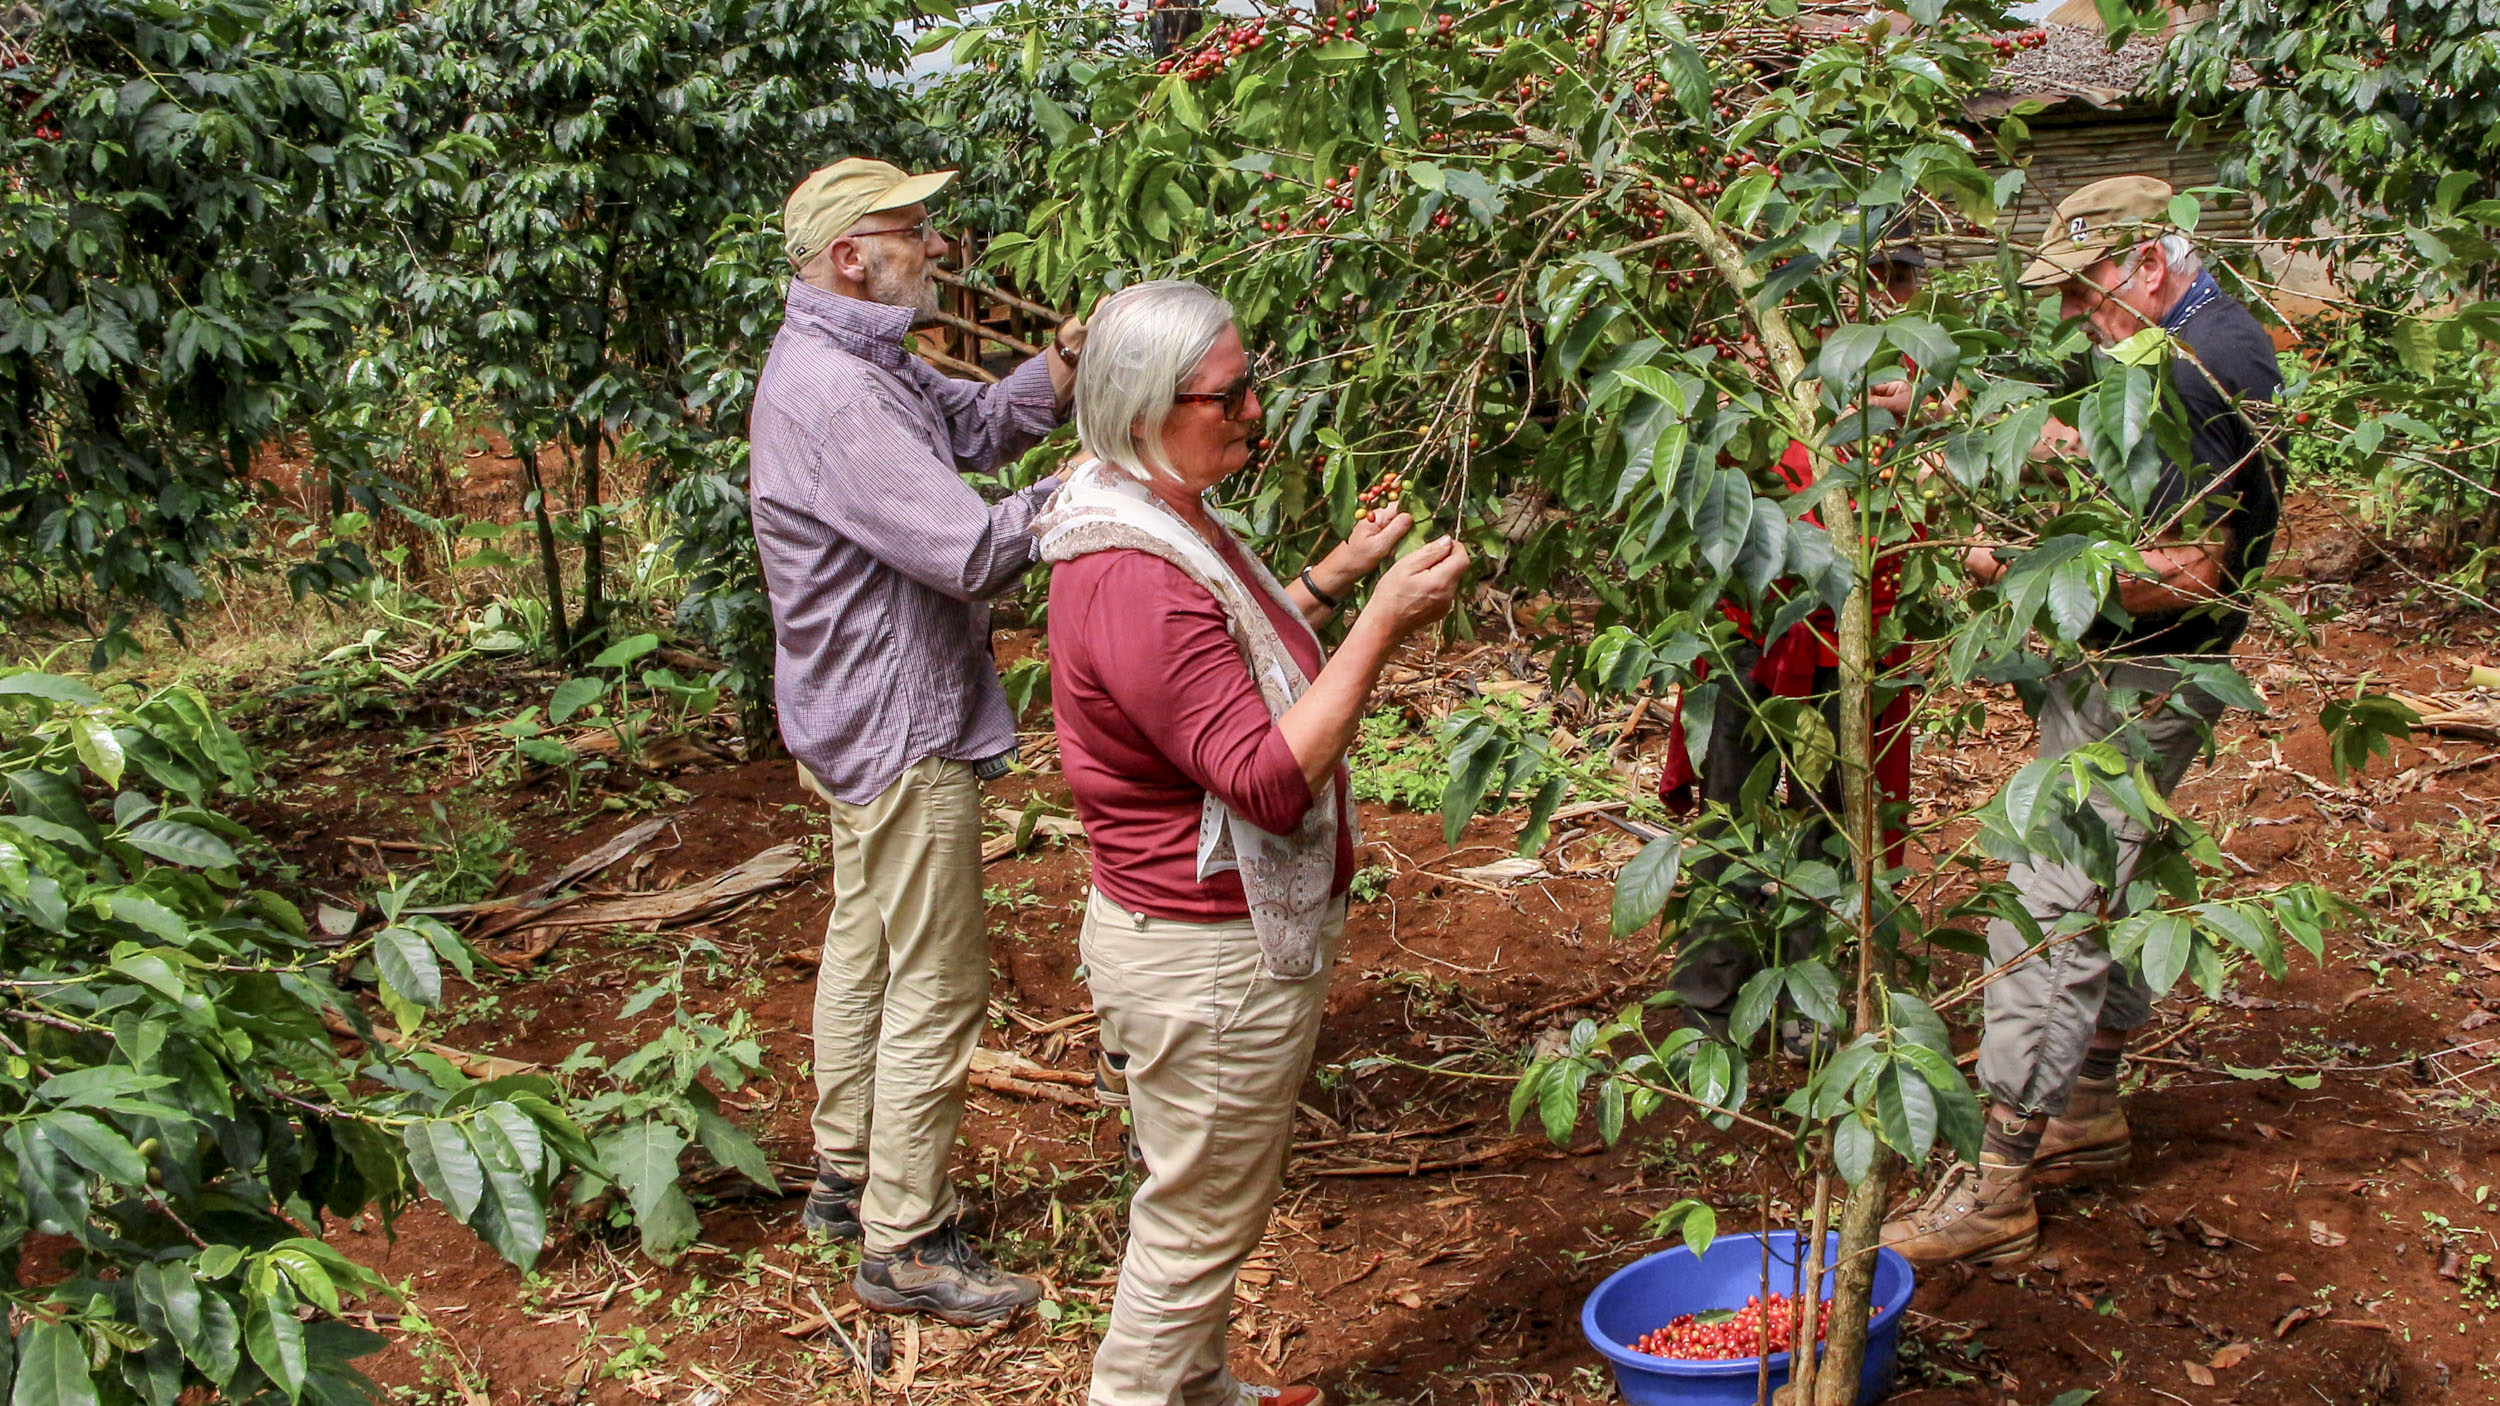 Kaffee-Ernte ist mühsam. Kirsche für Kirsche wir gepflückt. Das dauert 3 Monate bis alle reif geworden sind.